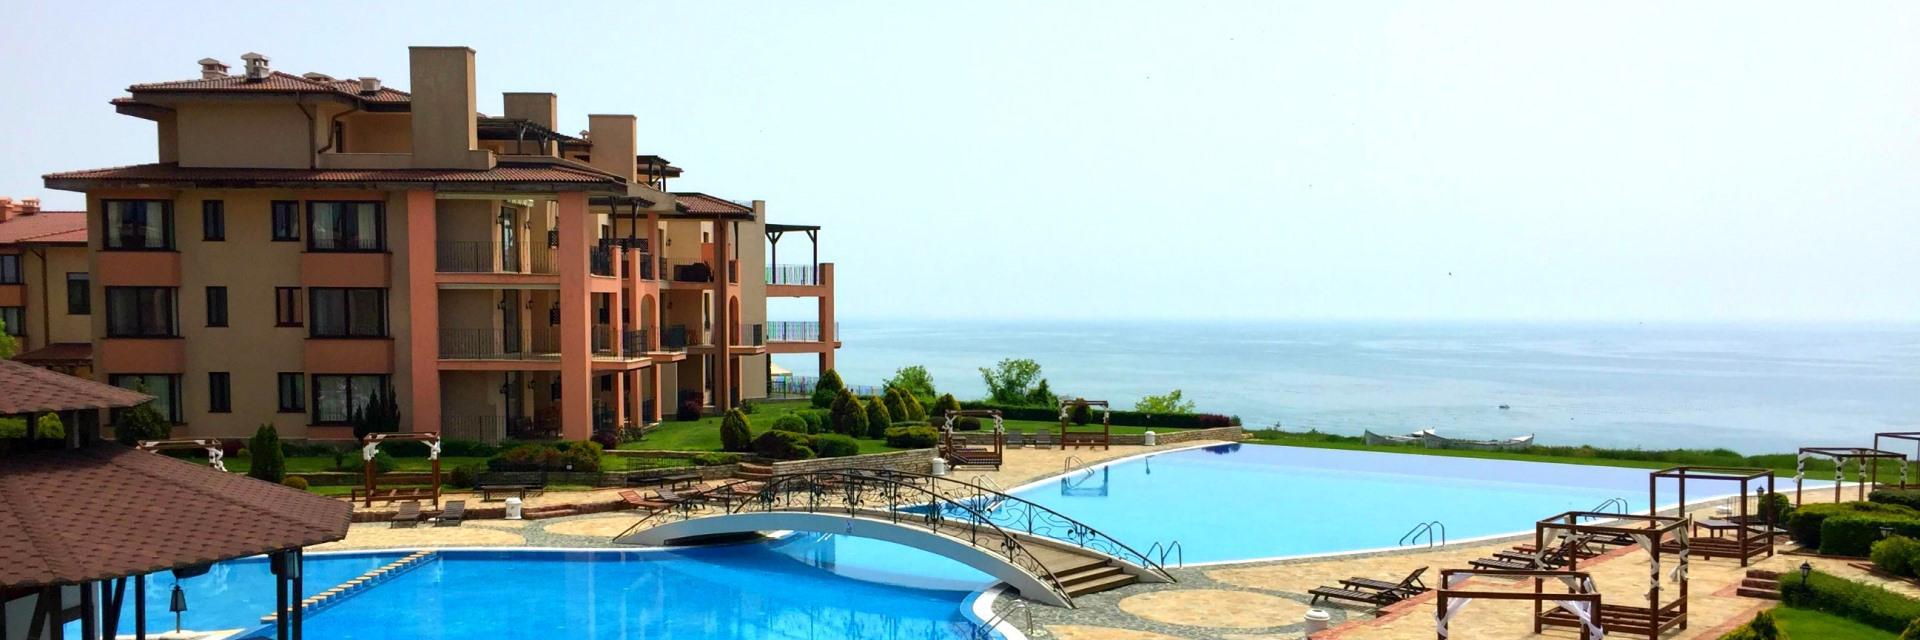 Стилен тристаен апартамент с морска панорама